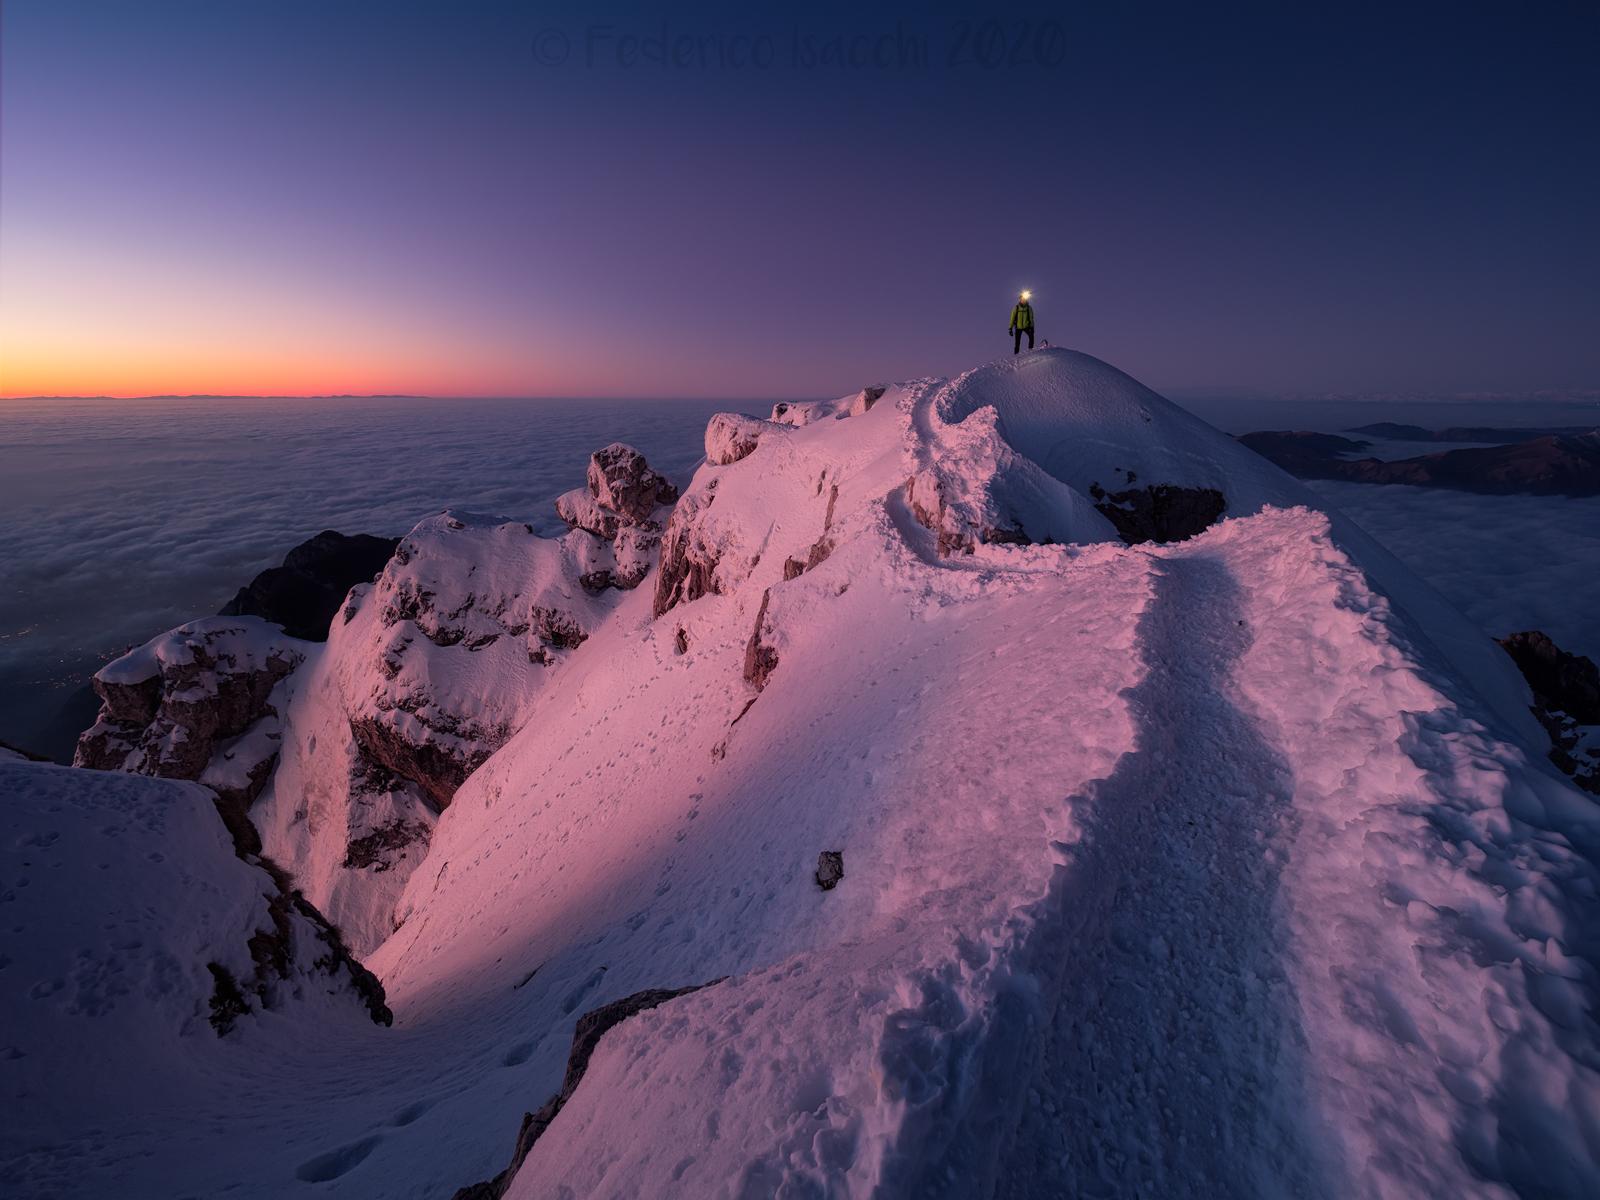 Sunrise at altitude...